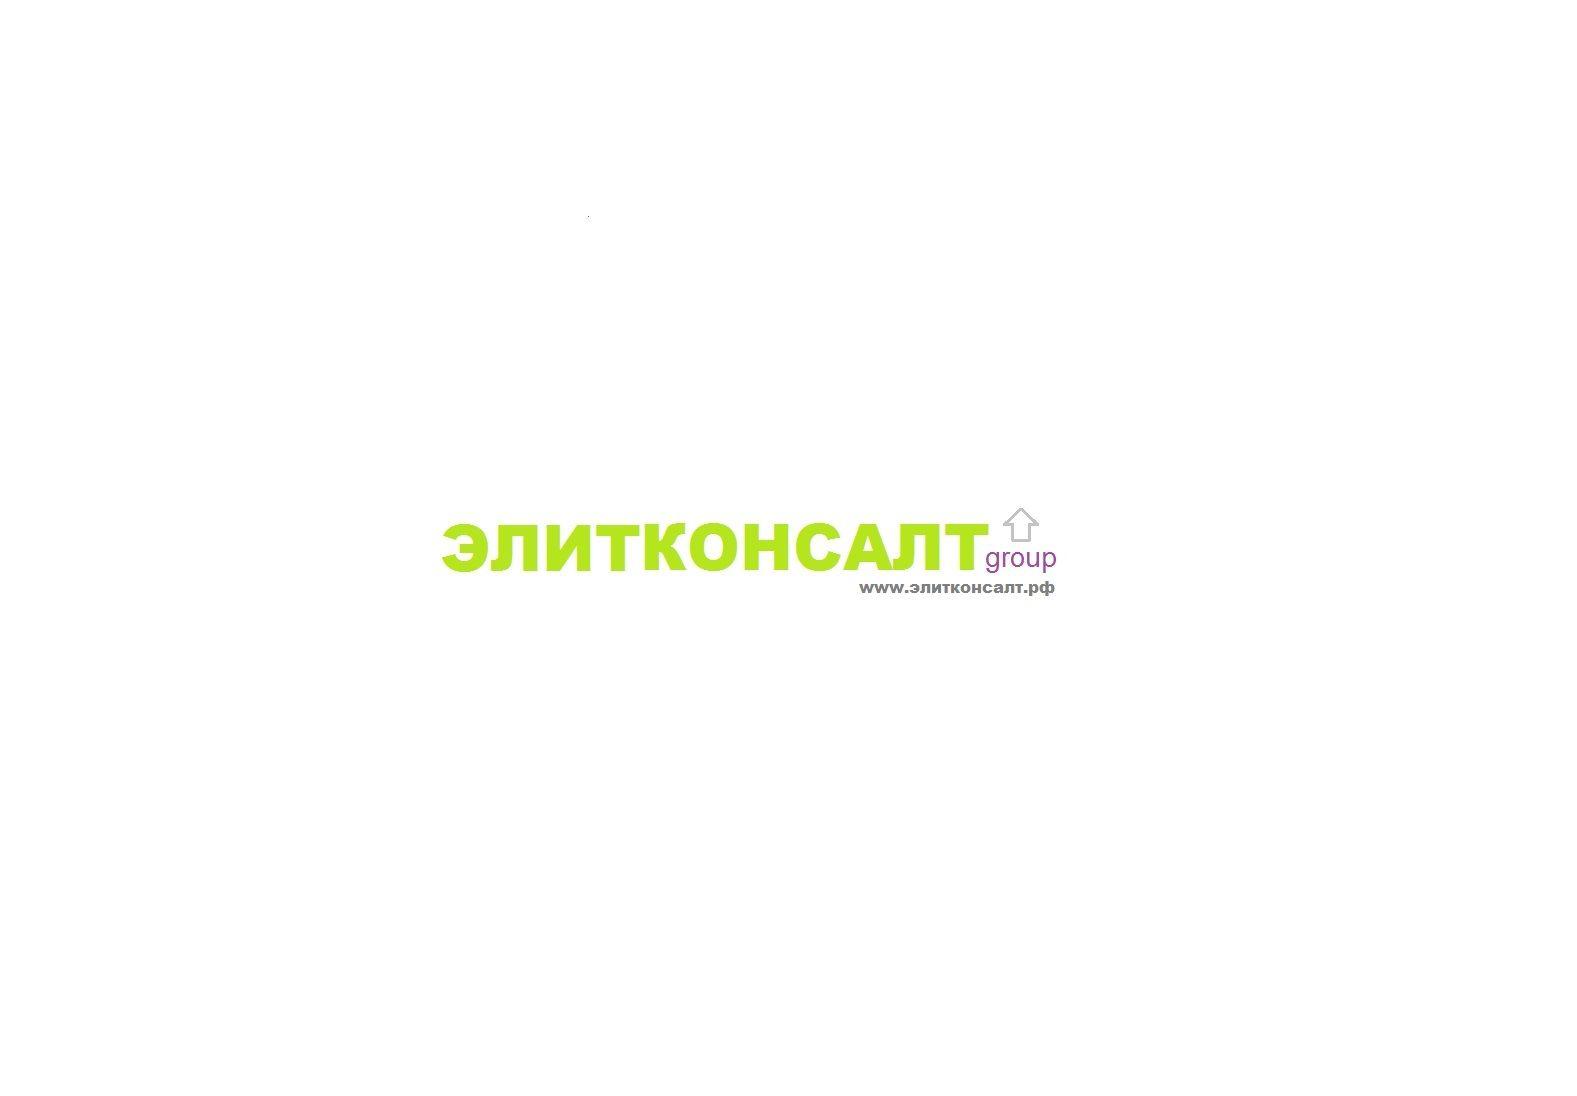 Логотип консалт-компании. Ждем еще предложения! - дизайнер Gdo91